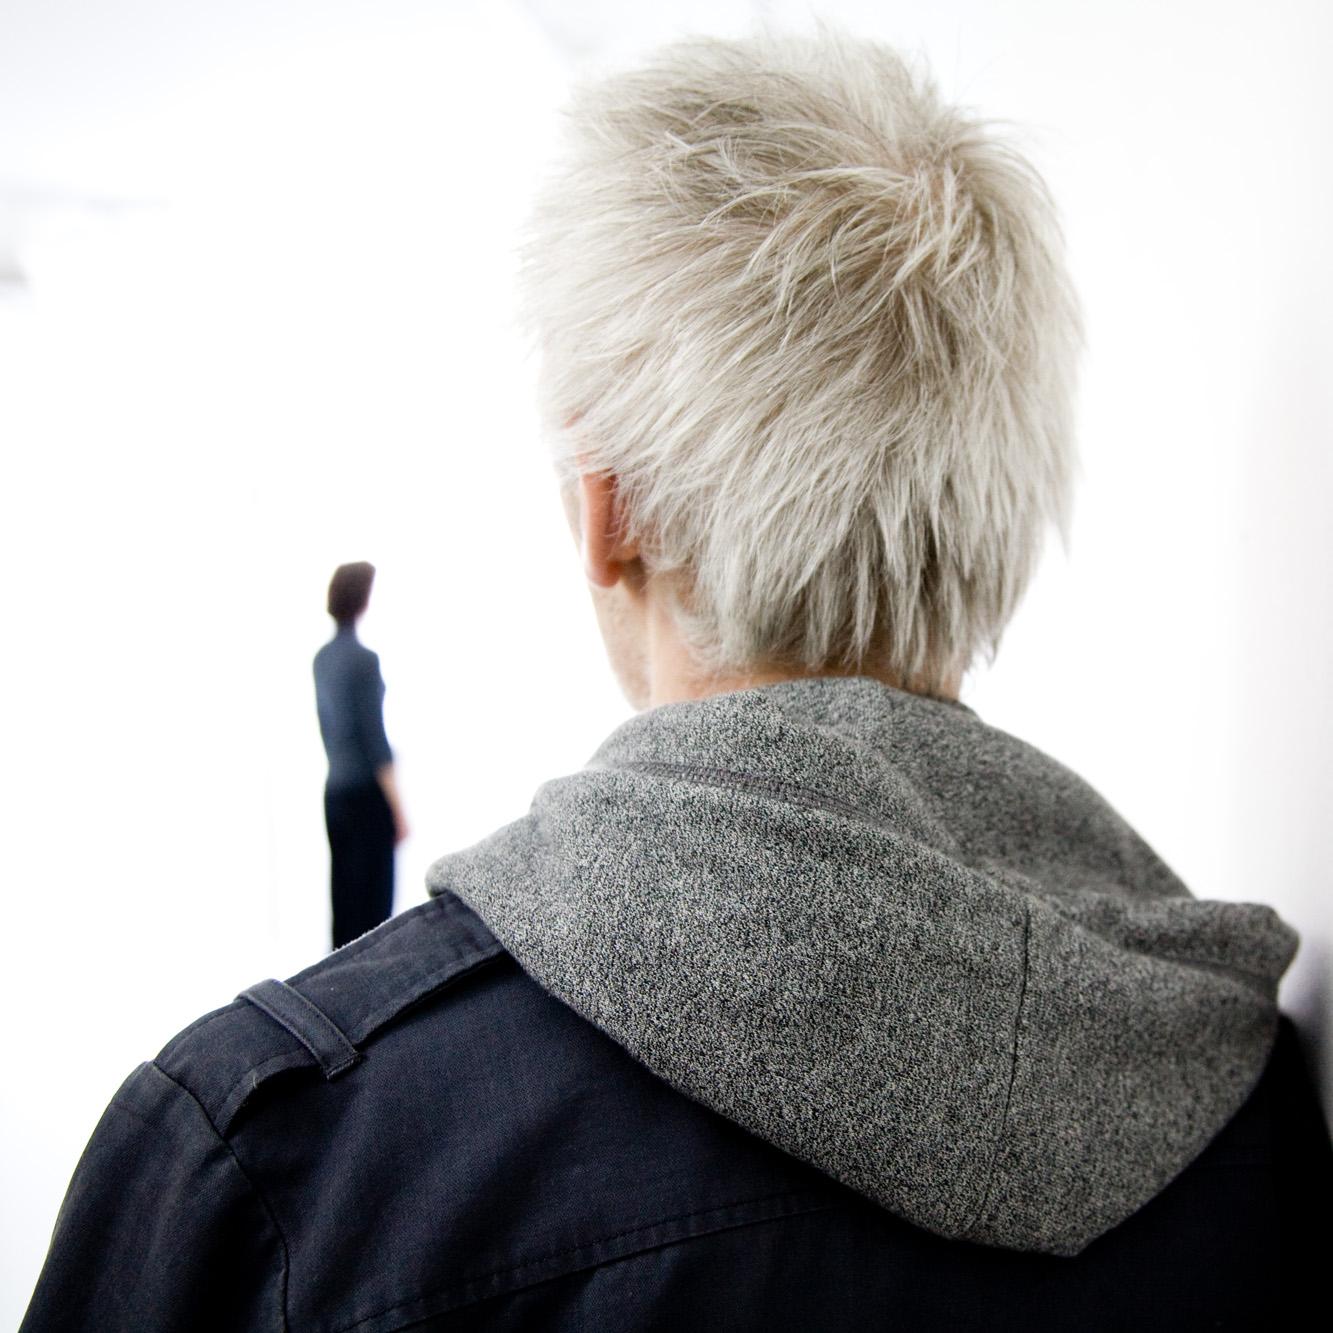 Une exposition chorégraphique.  Commissaire invité : Mathieu Copeland  Centre d'Art Contemporain de La Ferme Du Buisson, Scène Nationale, Noisiel, France, 2008